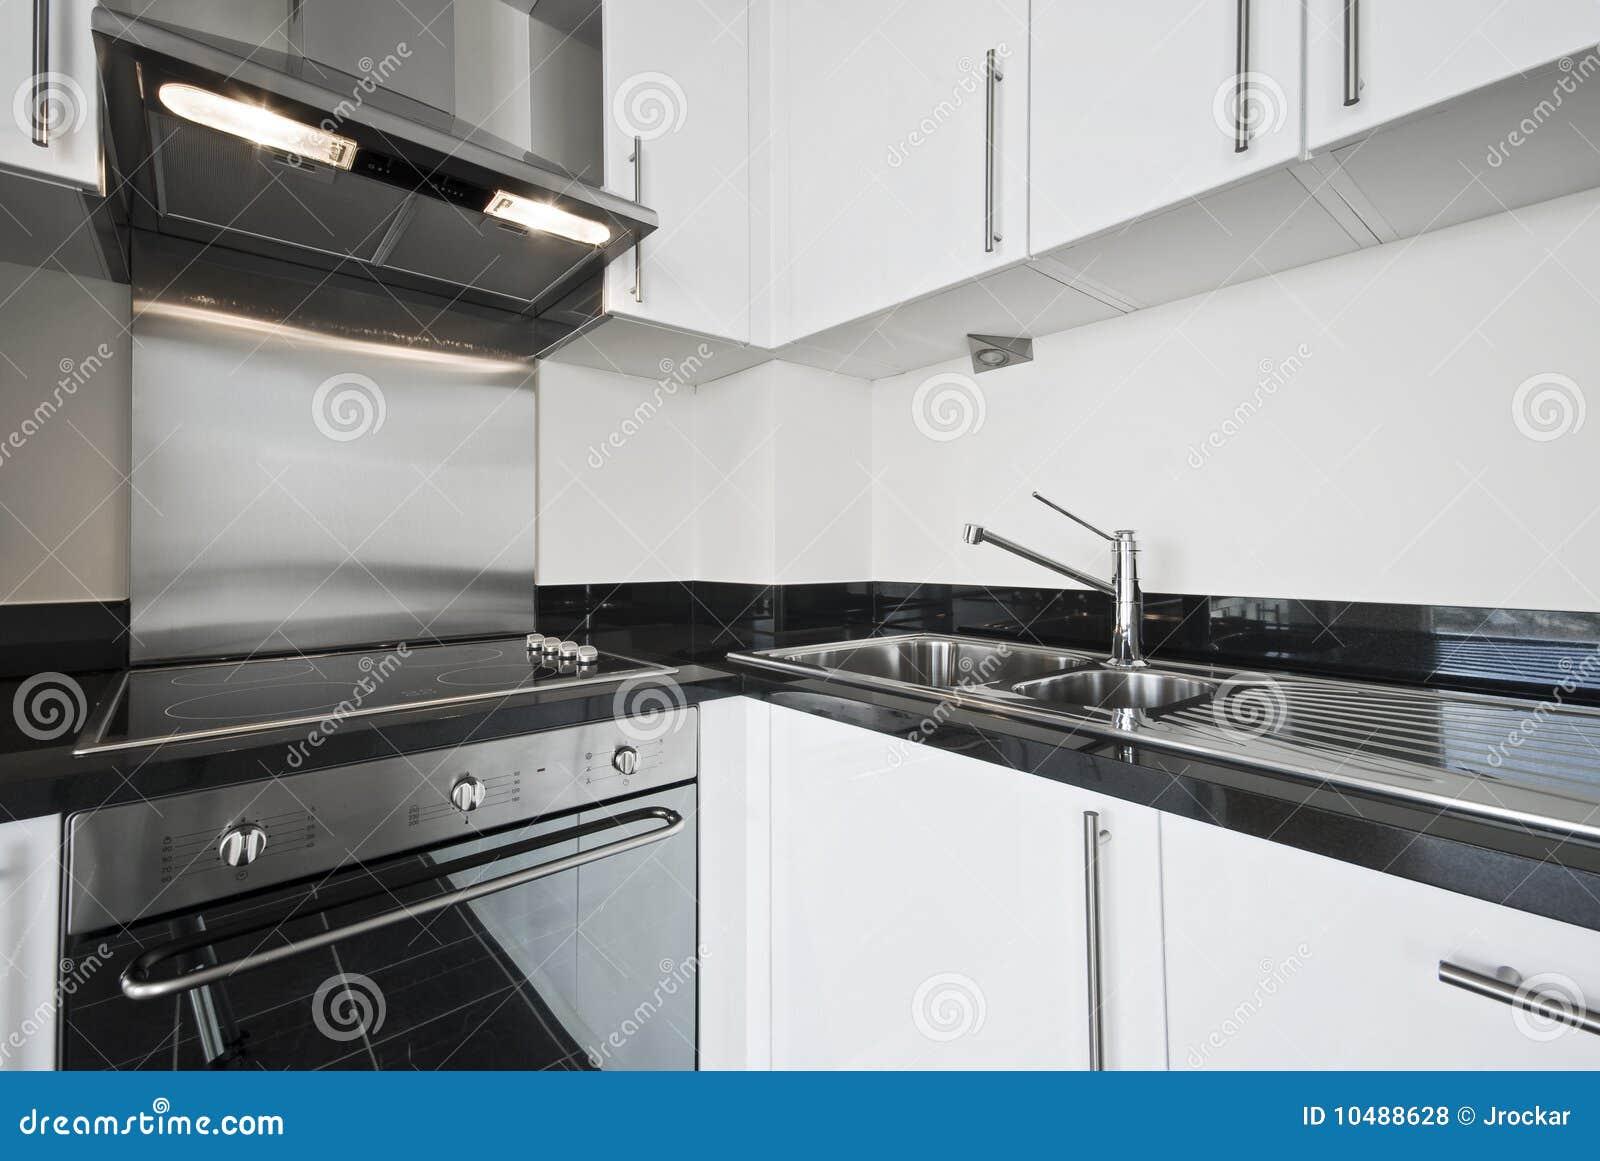 Cozinha moderna branca fotos de stock royalty free - Fotos modernas ...